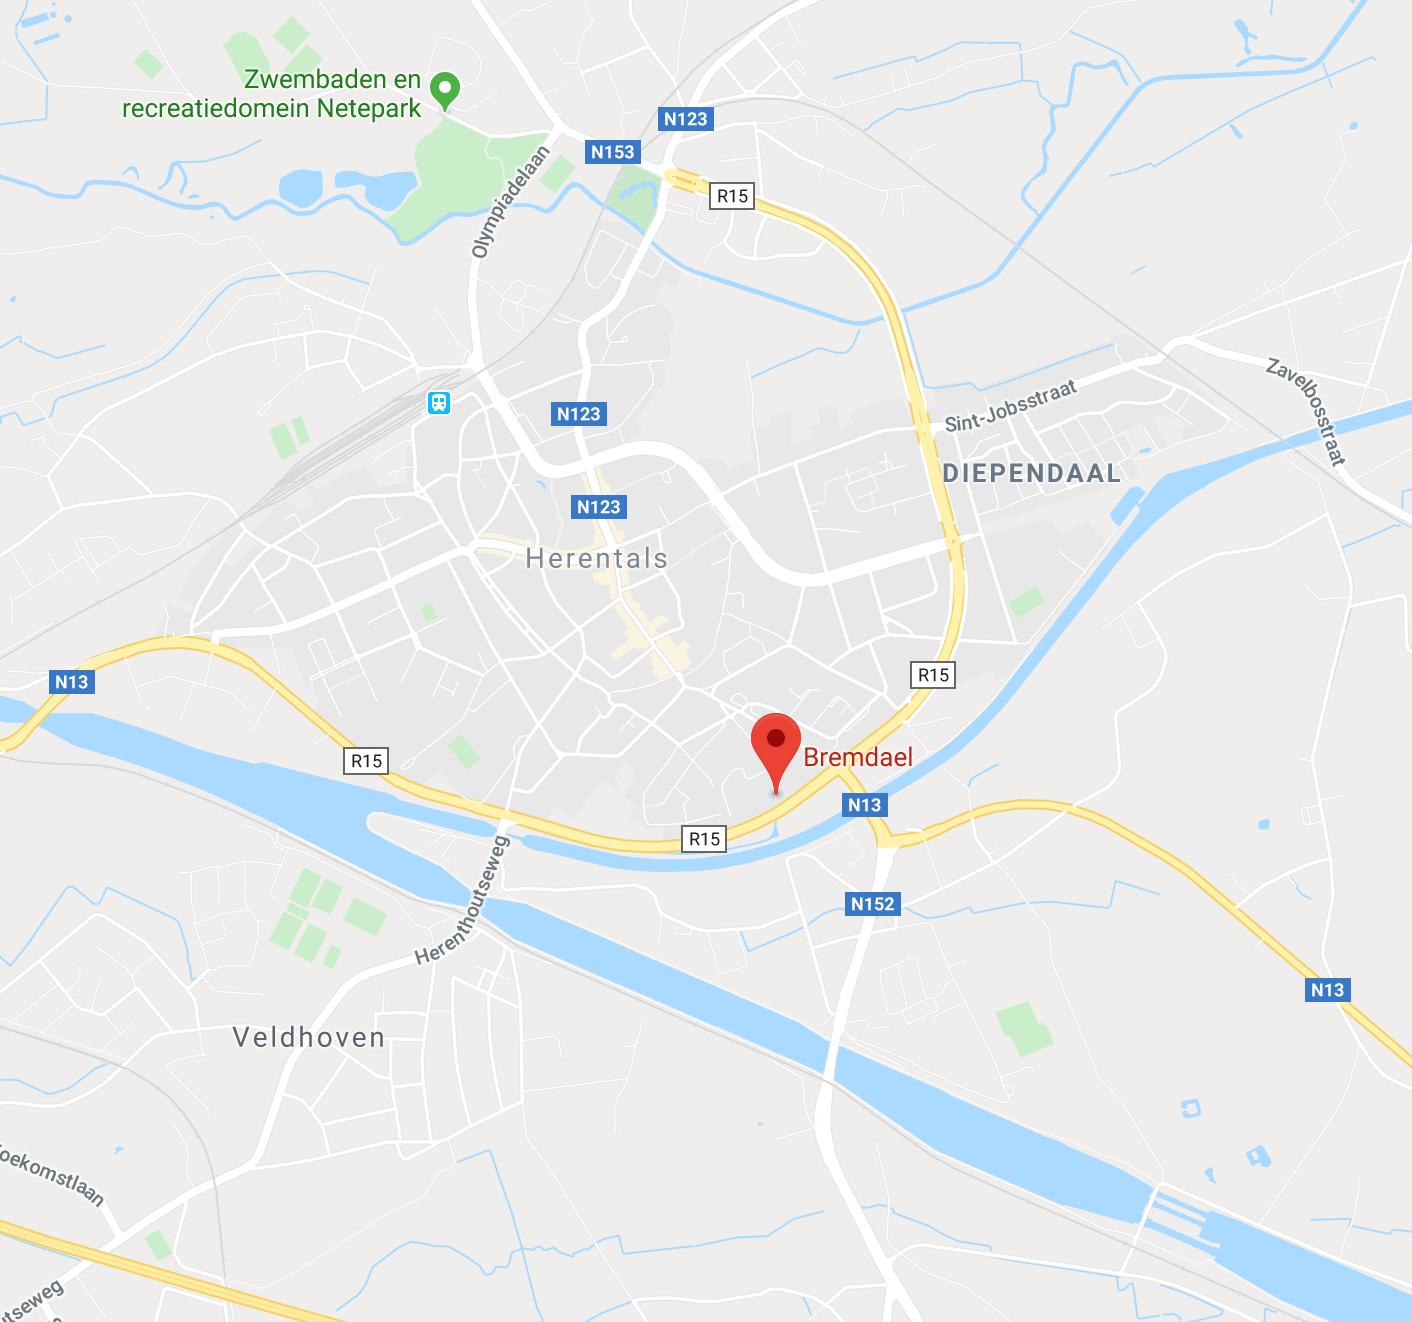 Bremdael Herentals wegwijzer